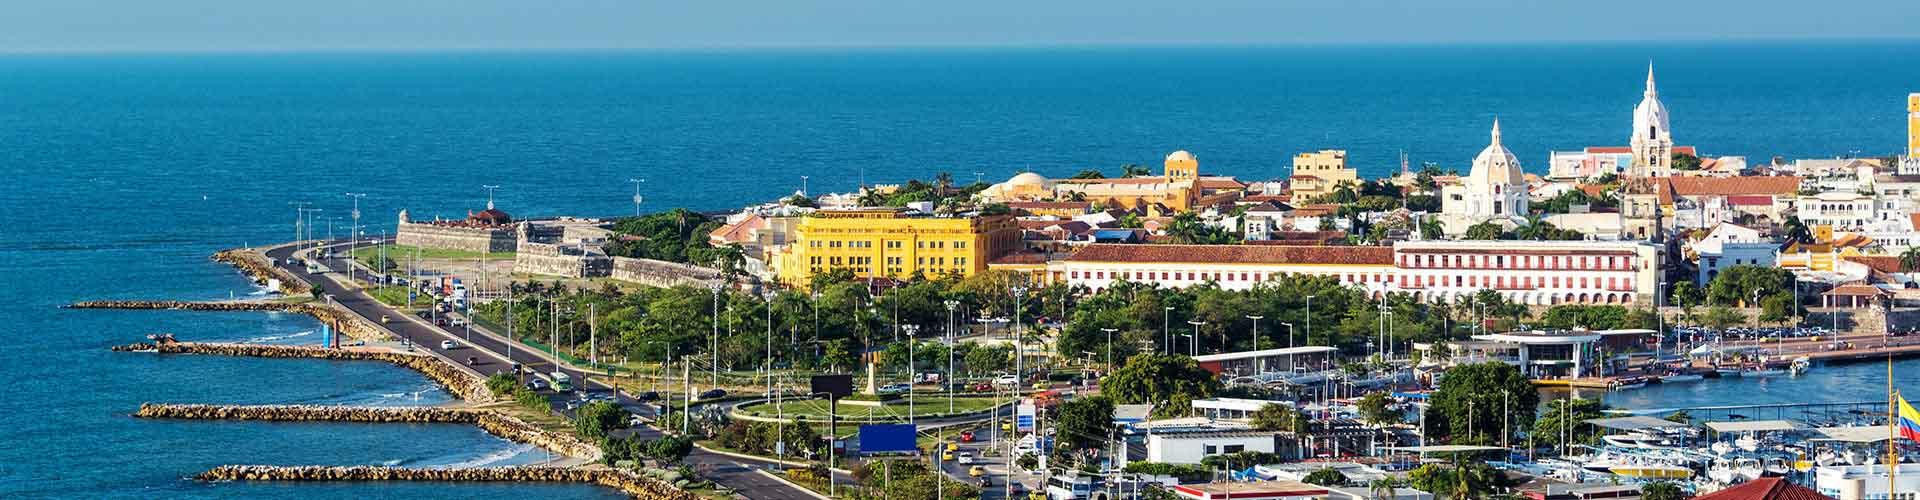 Cartagena – Albergues em Cartagena. Mapas para Cartagena, Fotos e Avaliações para cada Albergue em Cartagena.